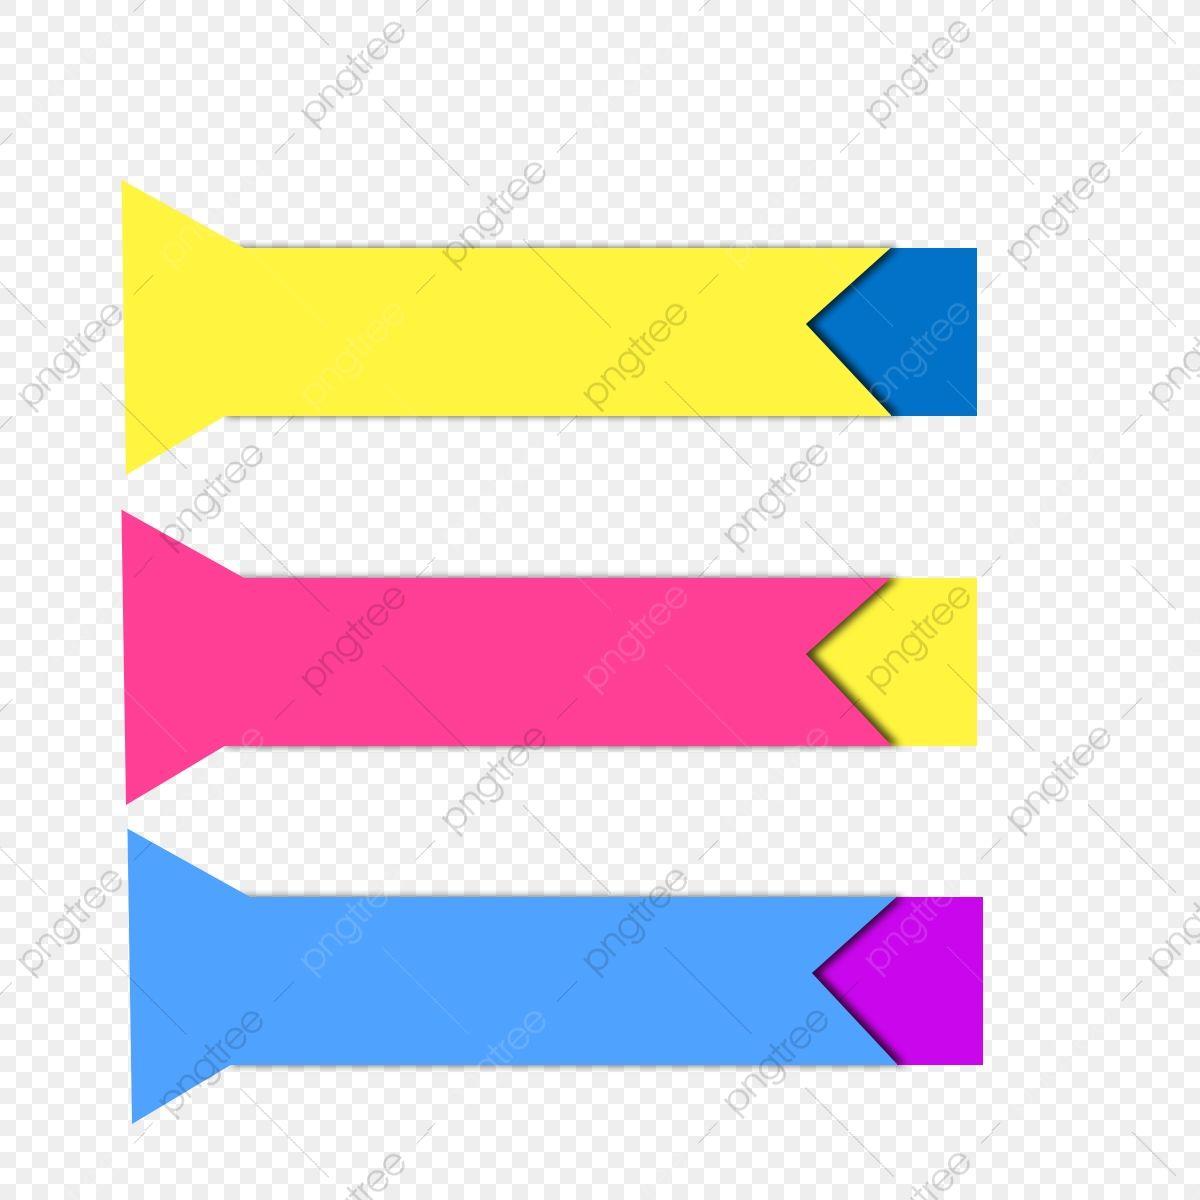 ناقلات تصميم شعار مربع النص مربع النص ناقل شعار القالب اللون Png وملف Psd للتحميل مجانا Vector Design Design Chart